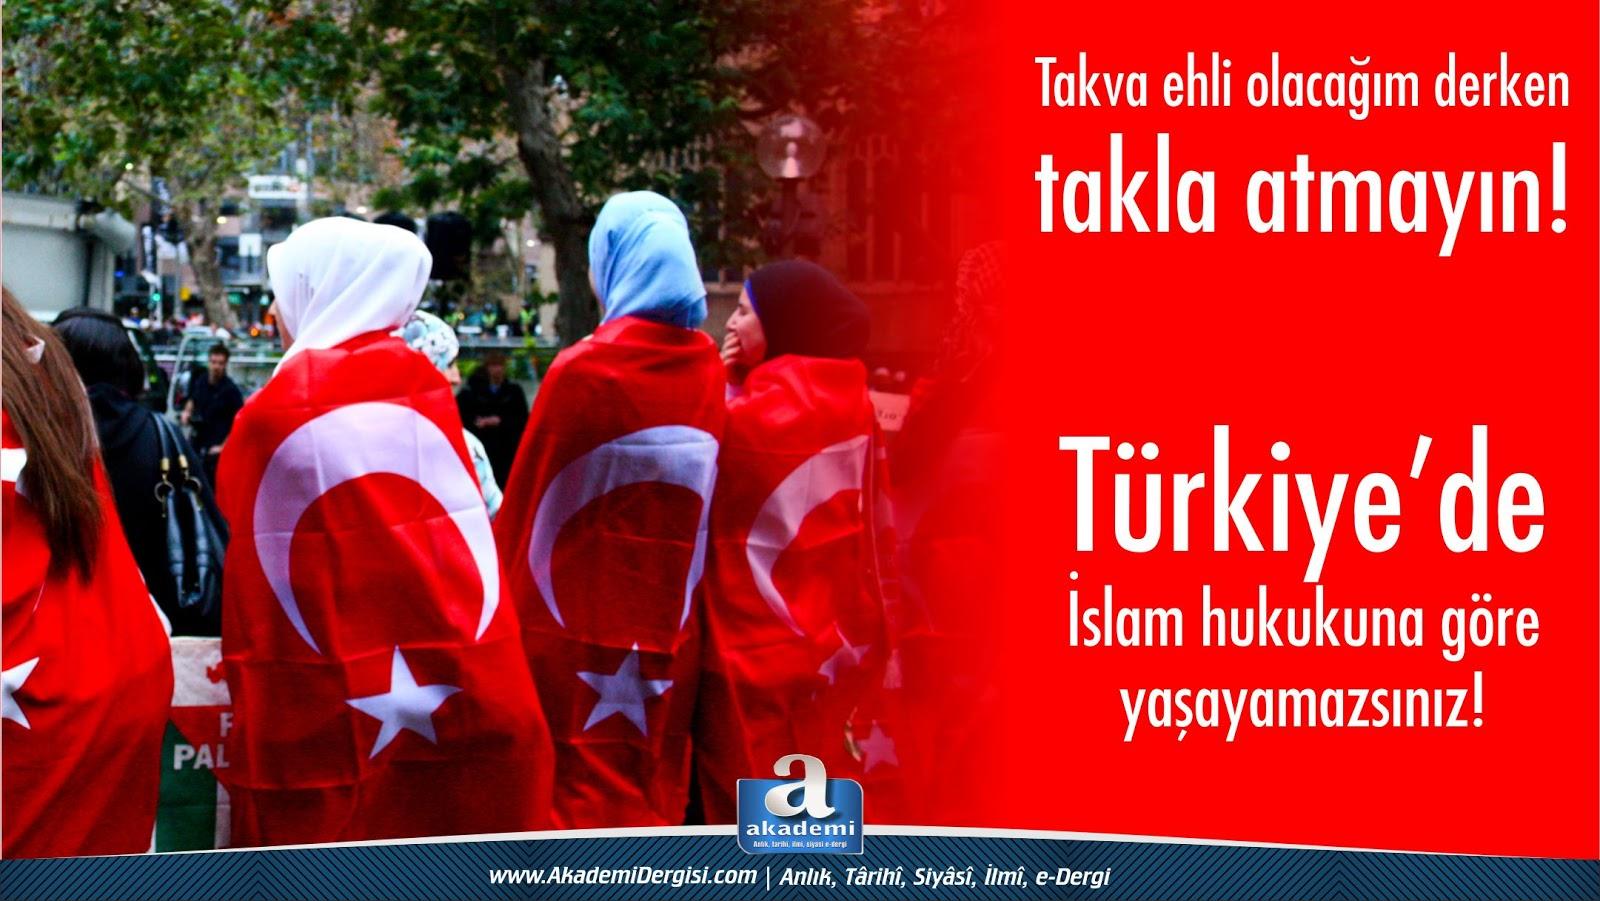 Türkiye'de İslam Akademi-e-dergi-molla-olacagim-derken-takla-atmayin-turkiye-de-muslumanca-yasayamazsiniz-mehmet-fahri-sertkaya-darul-harp-darul-islam-c%25C3%25BCbbeli-ahmet-hoca-ismailaga